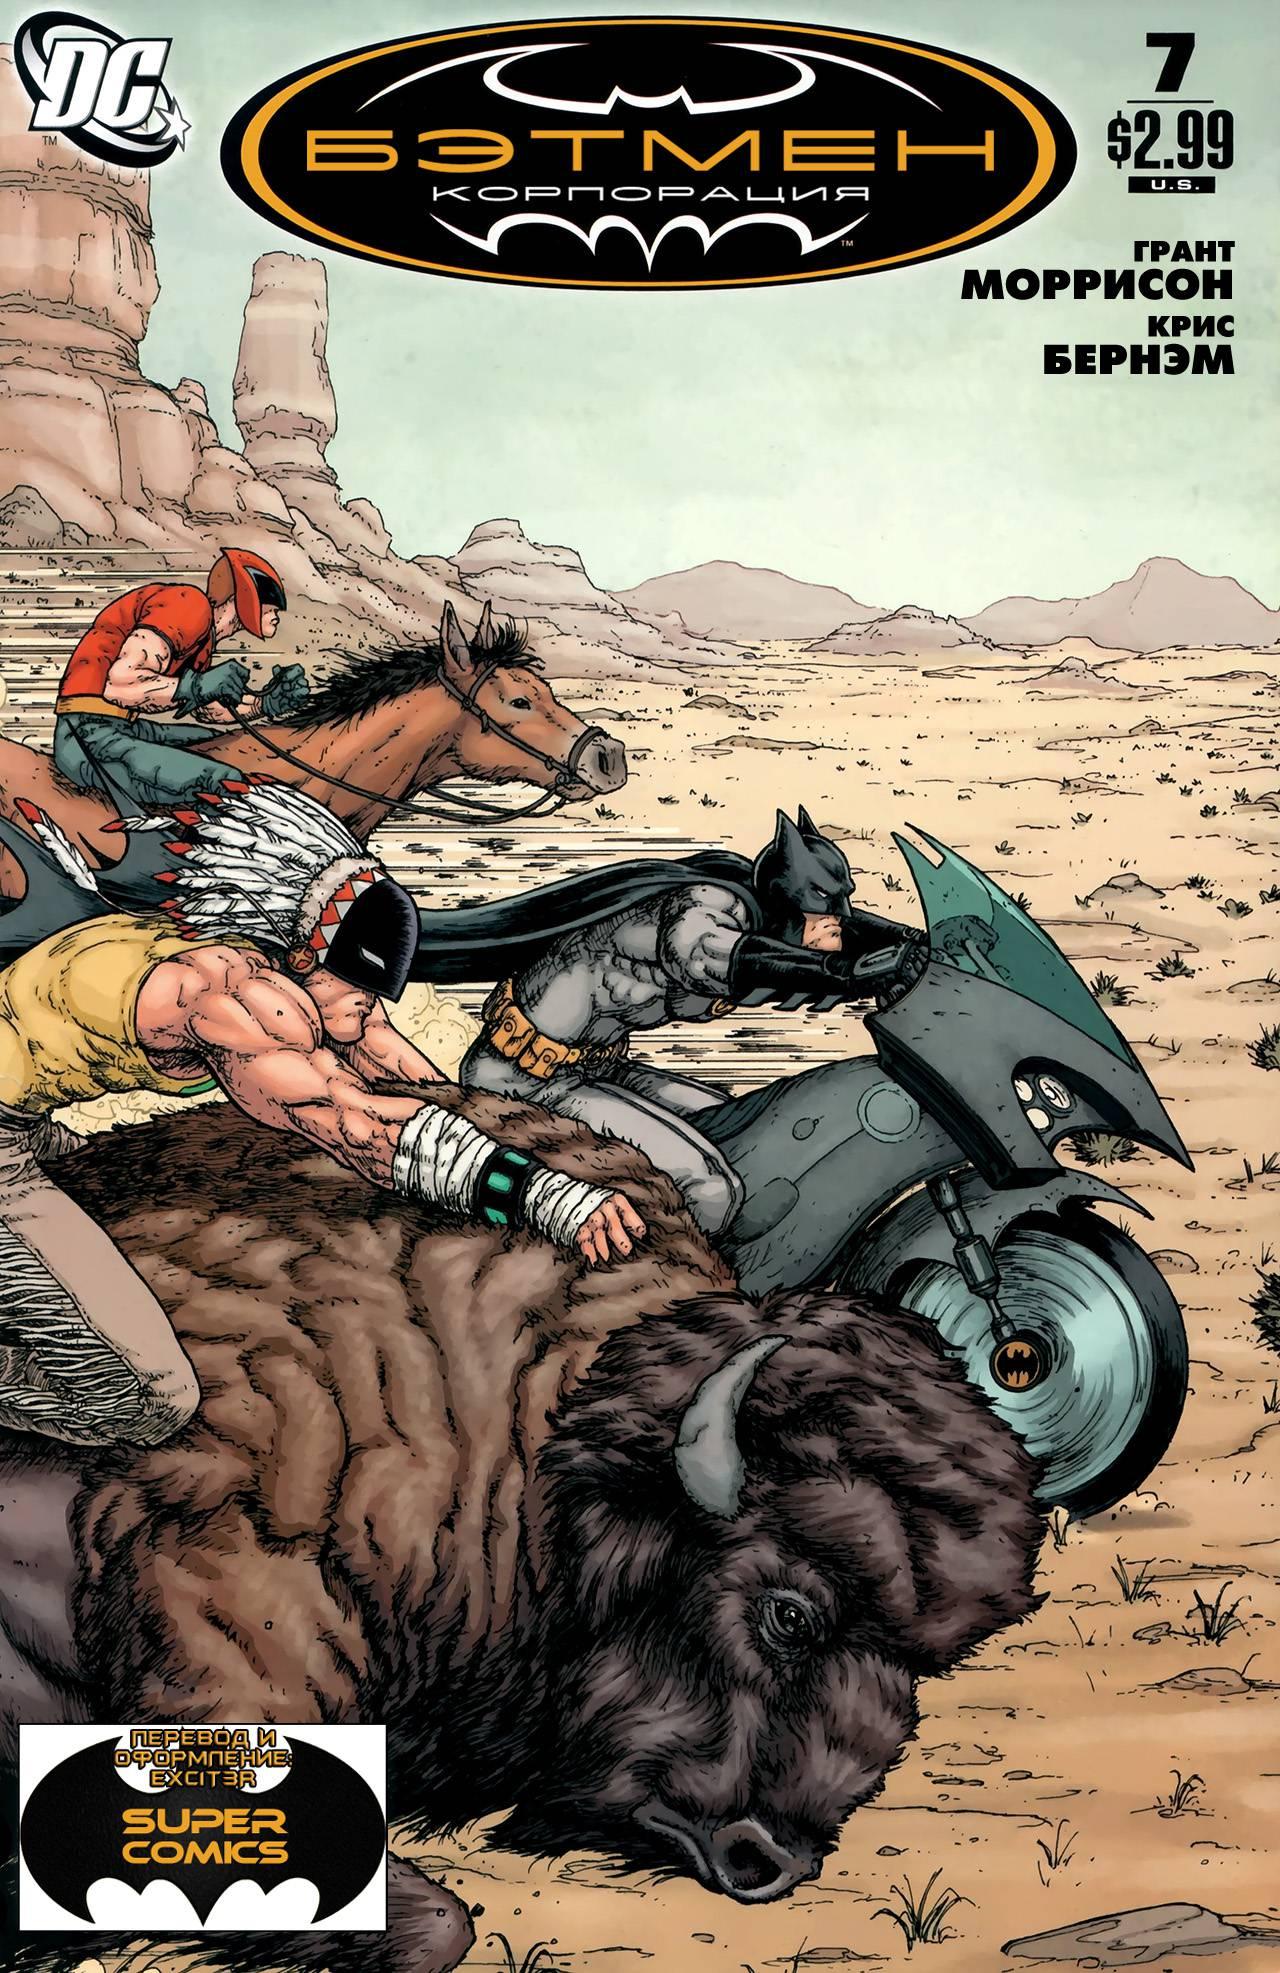 Бэтмен Корпорация №7 онлайн